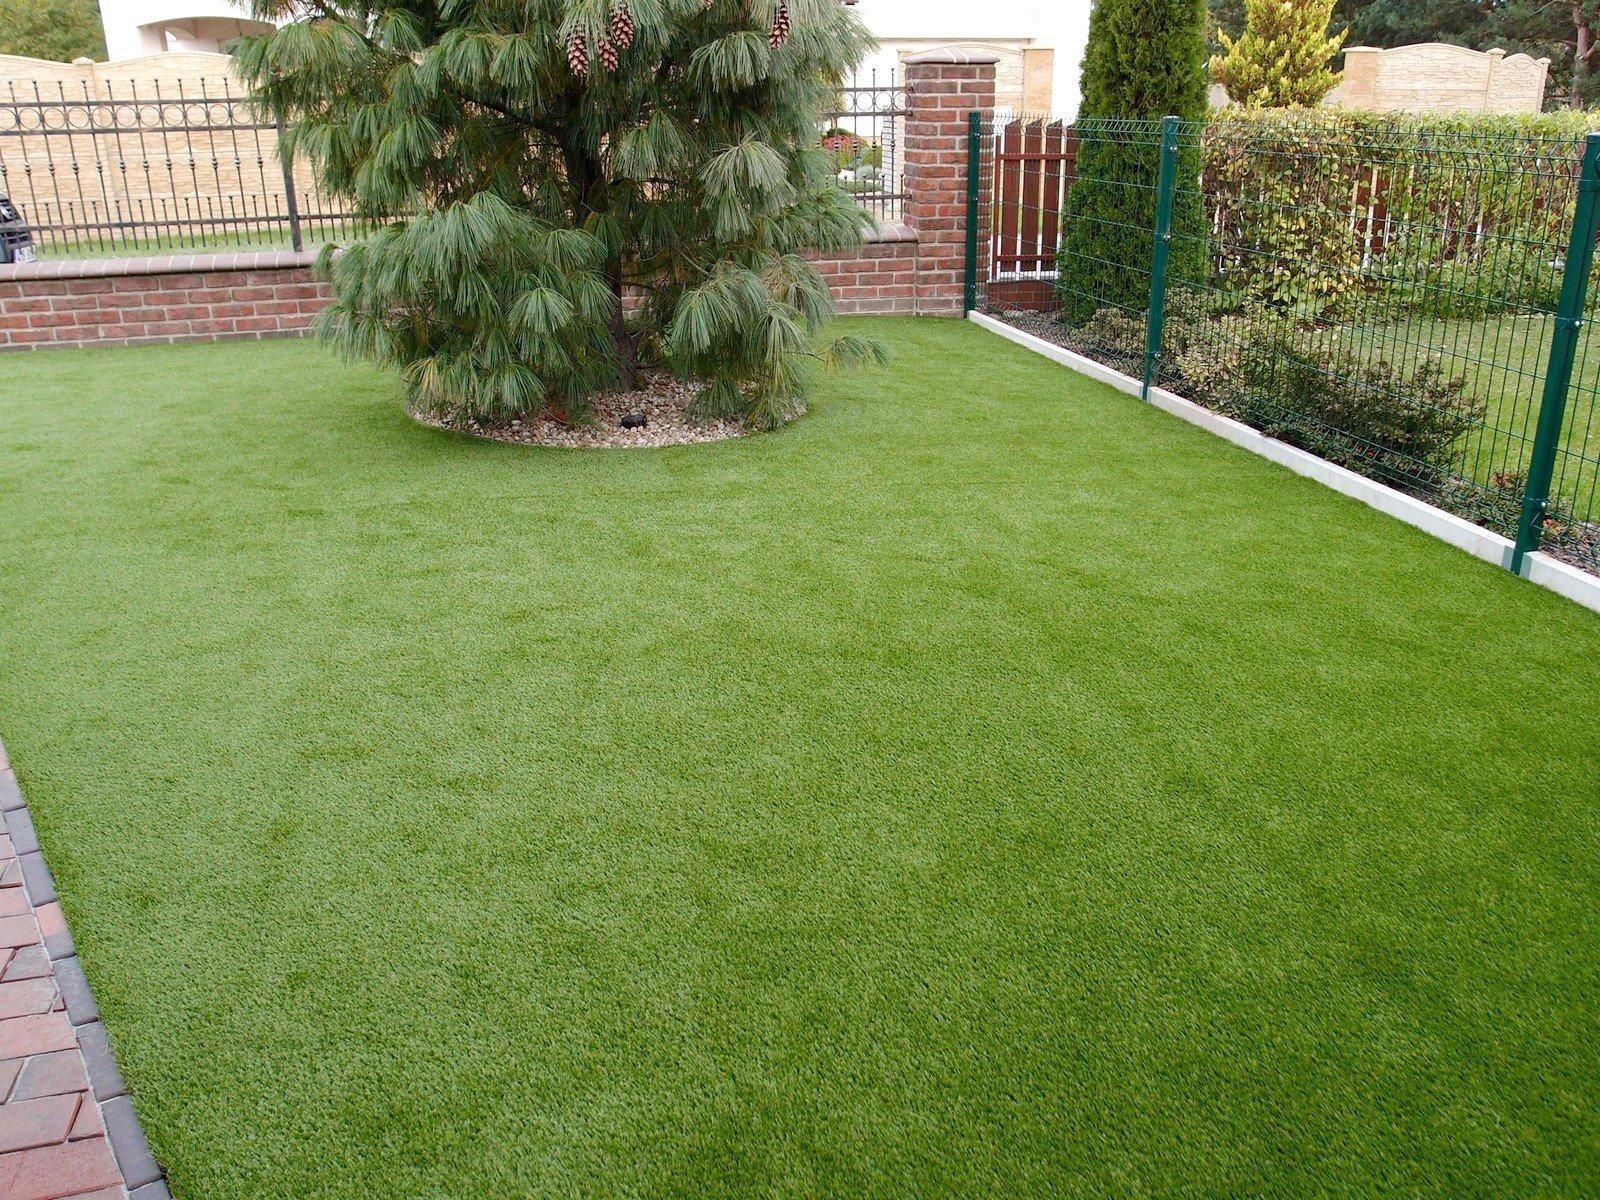 Instalace umělého trávníku Royal Grass SILK 35 na předzahrádce rodinného domu.